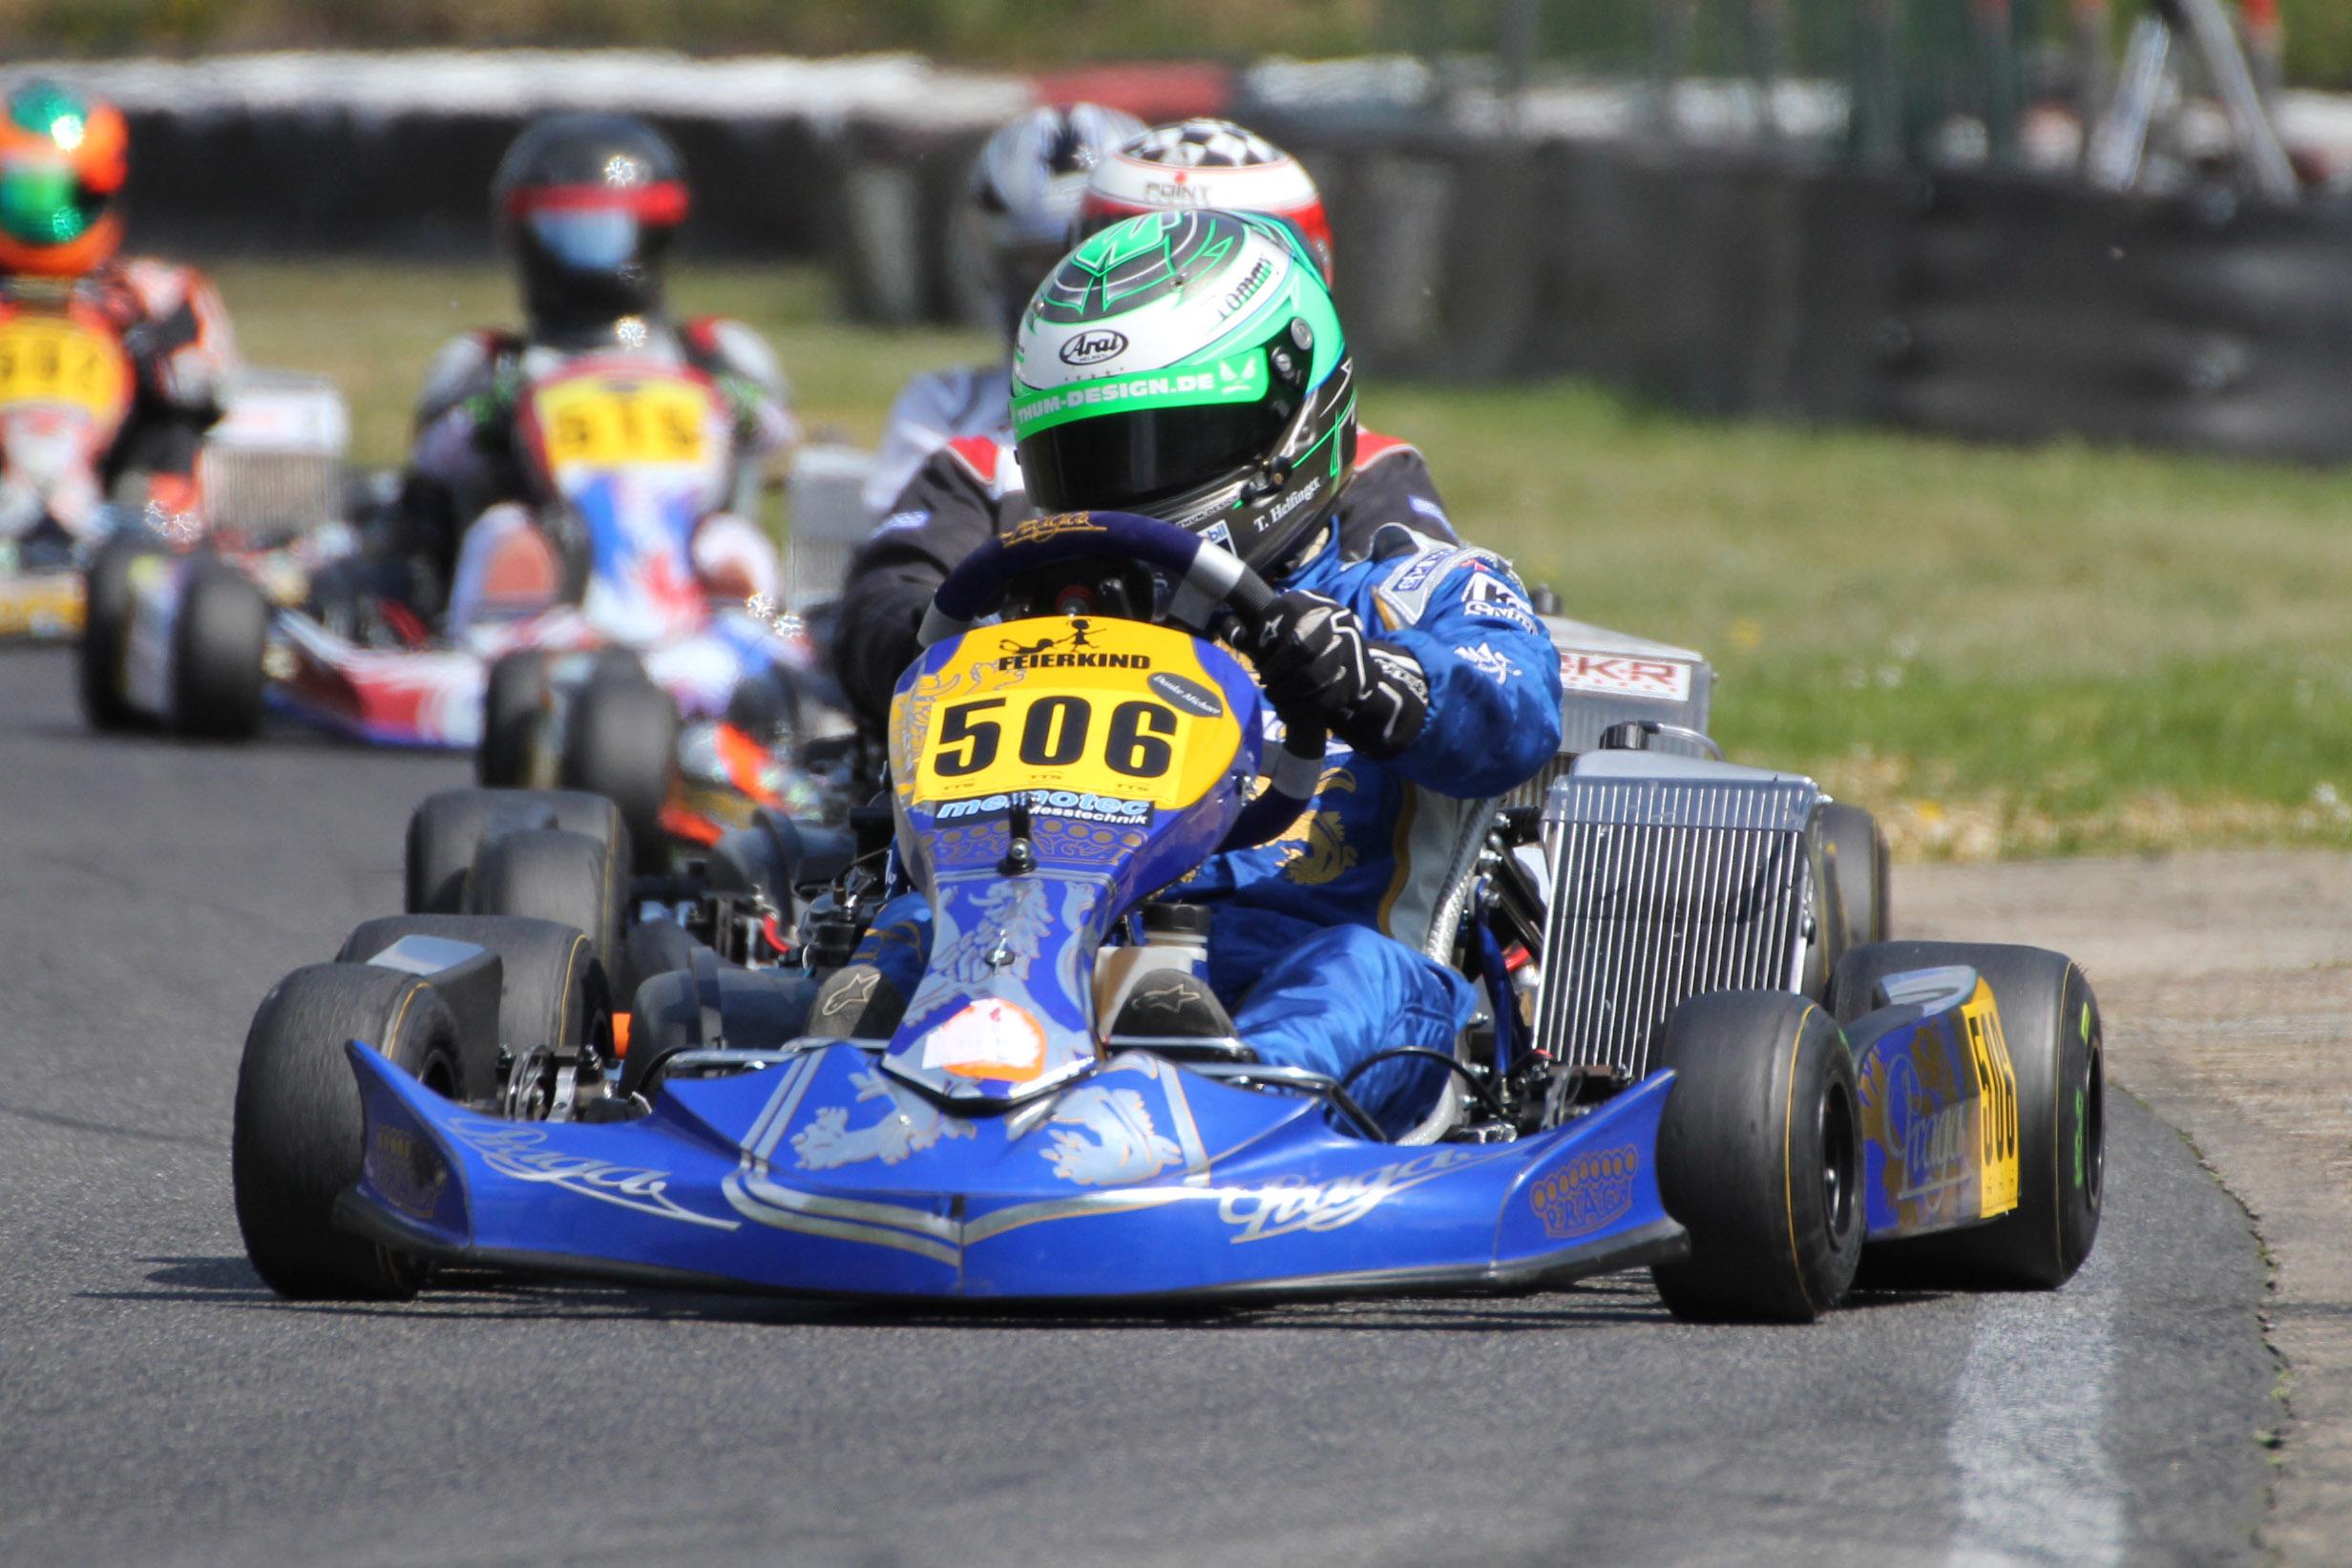 M-Tec Praga Racing startet mit Doppelsieg in die RMC-Saison